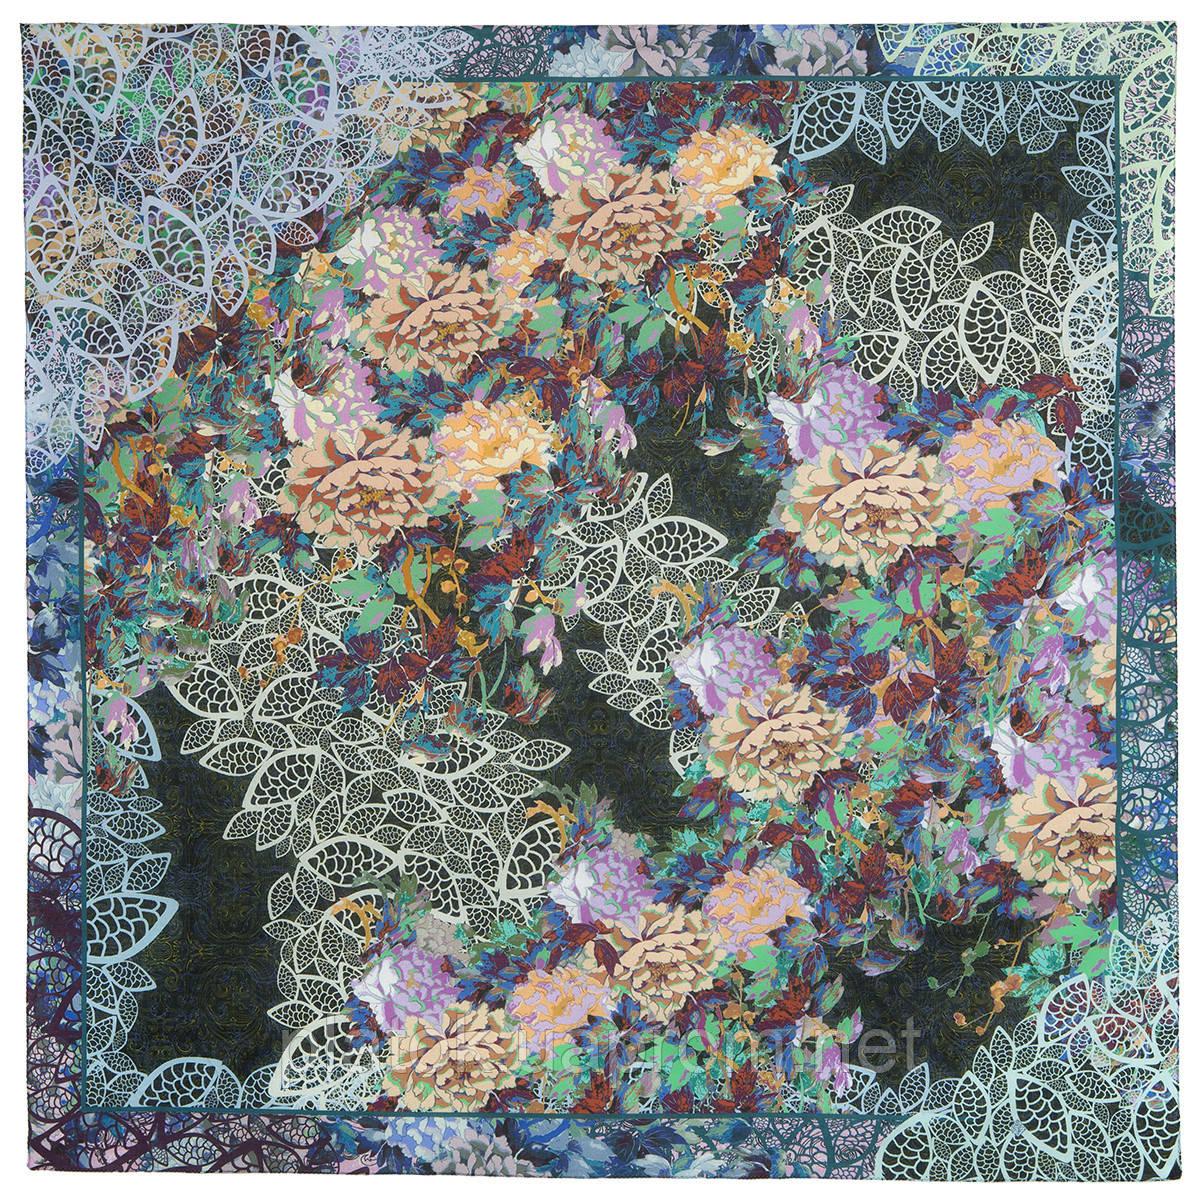 Платок хлопковый 10309-18, павлопосадский платок хлопковый (батистовый) с швом зиг-заг